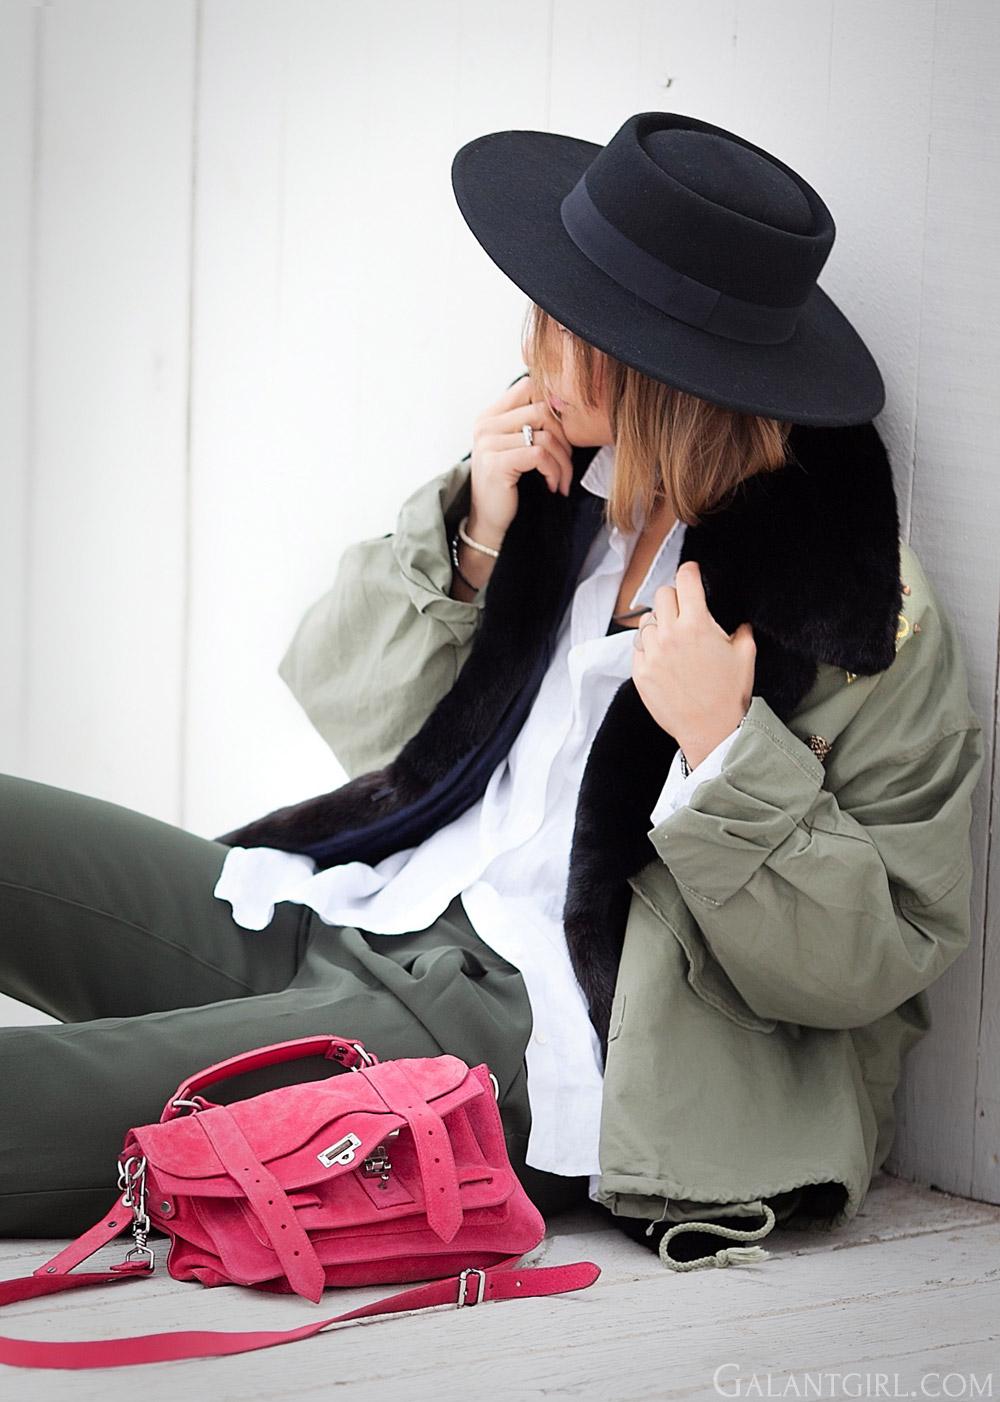 proenza+schouler+ps1-bag-ellena-galant-parka+outfit-ideas